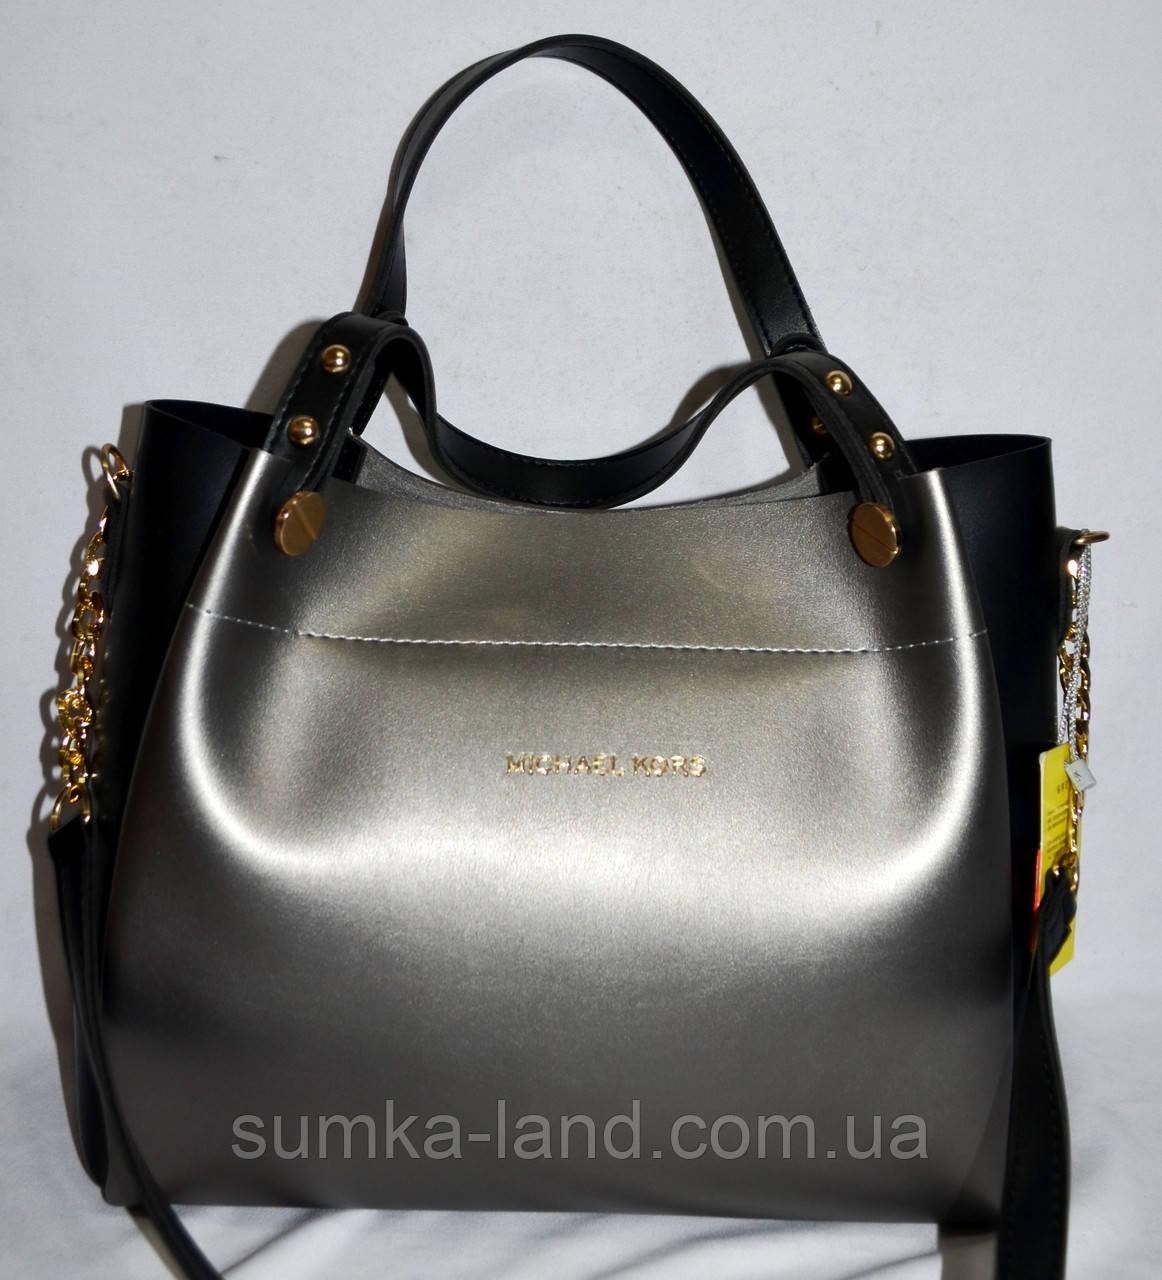 Женская серебристая с черным сумка Michael Kors с золотой фурнитурой и болтами на ручке 32*27 см